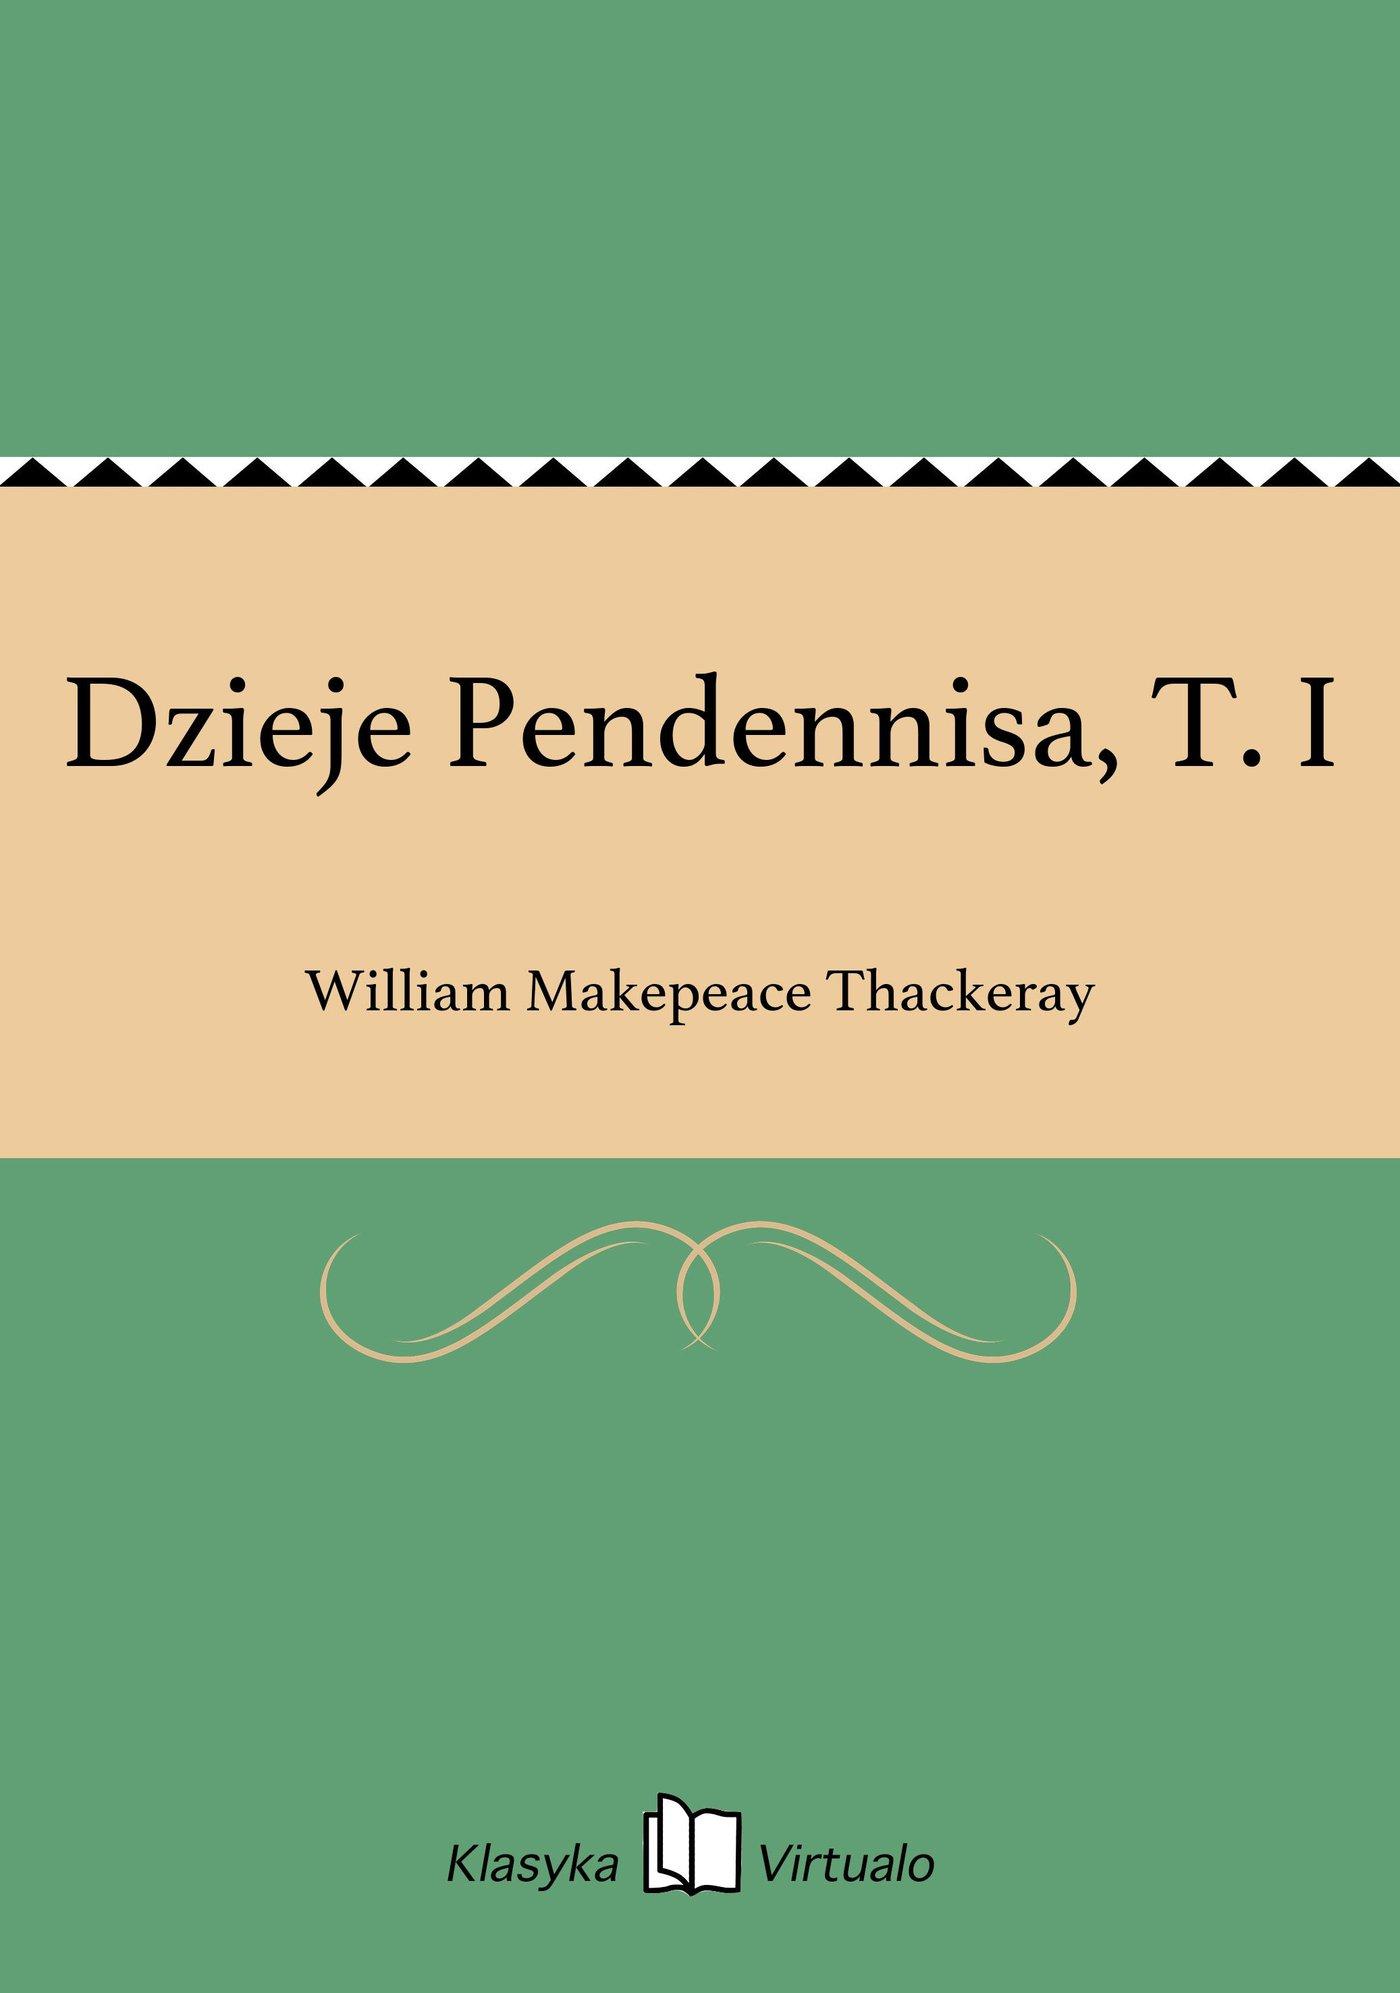 Dzieje Pendennisa, T. I - Ebook (Książka EPUB) do pobrania w formacie EPUB